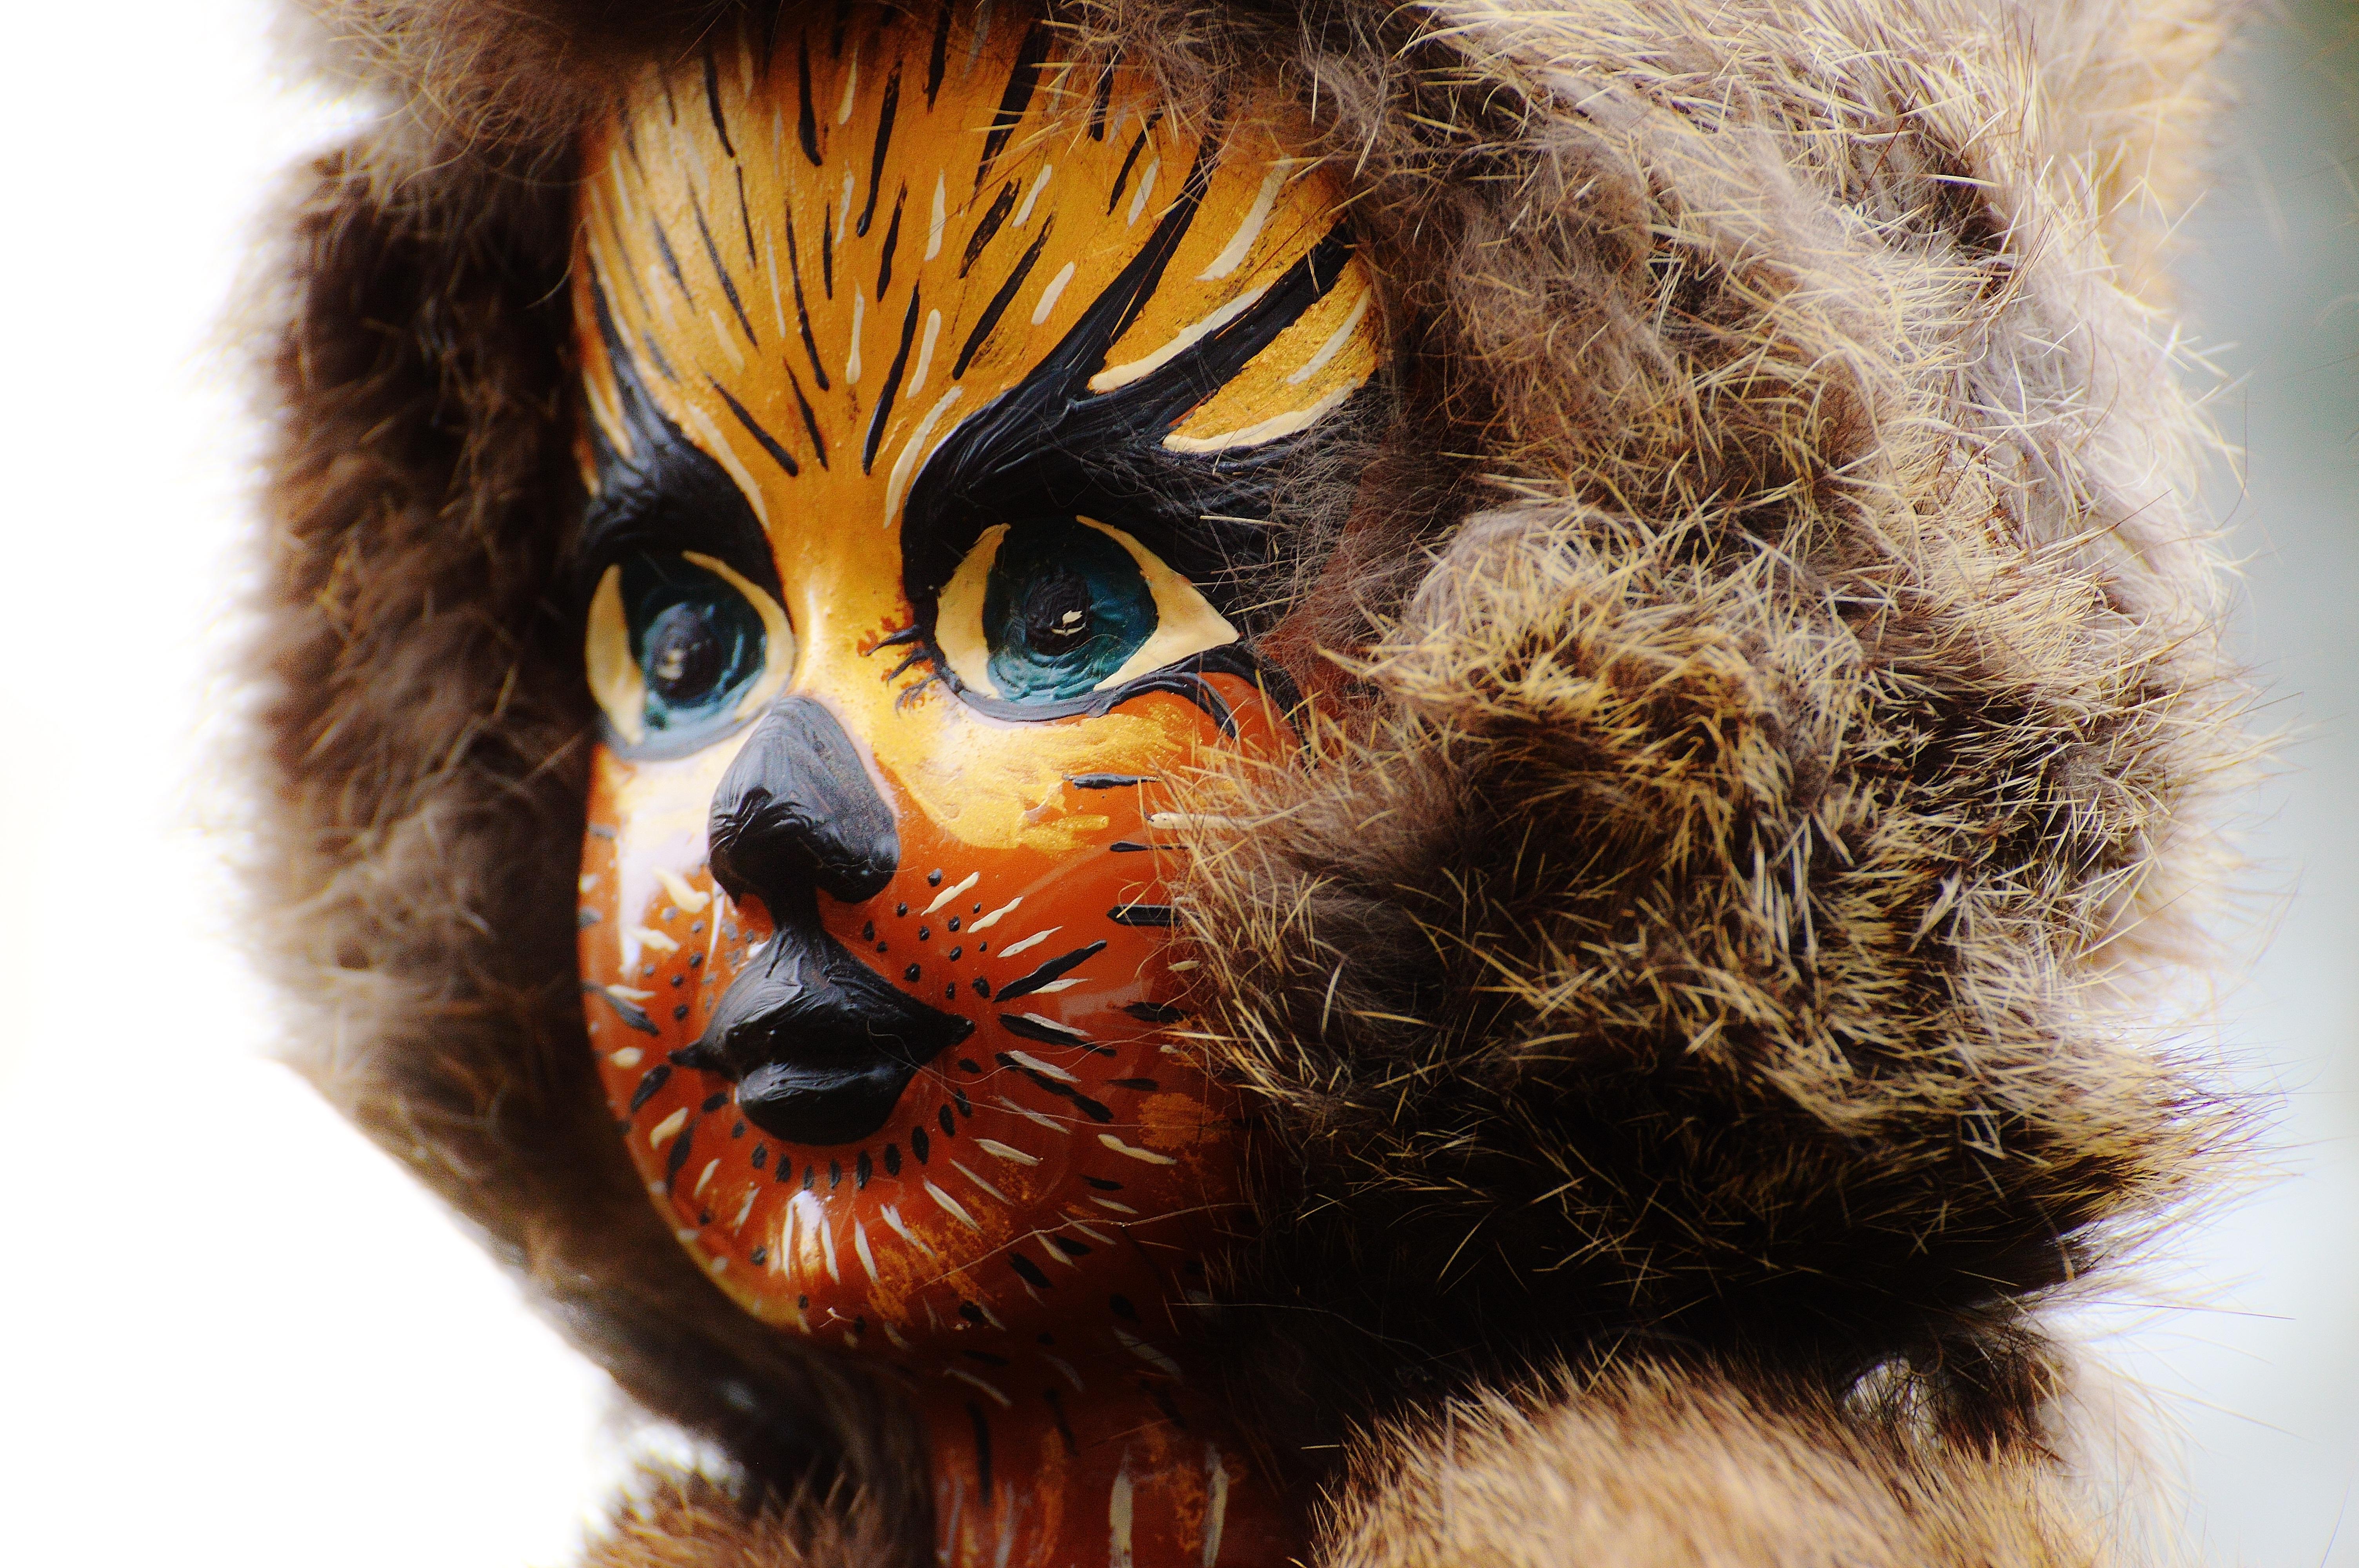 Fotoğraf Kürk Karnaval Kedi Renk Aslan Boyama Kutlamak